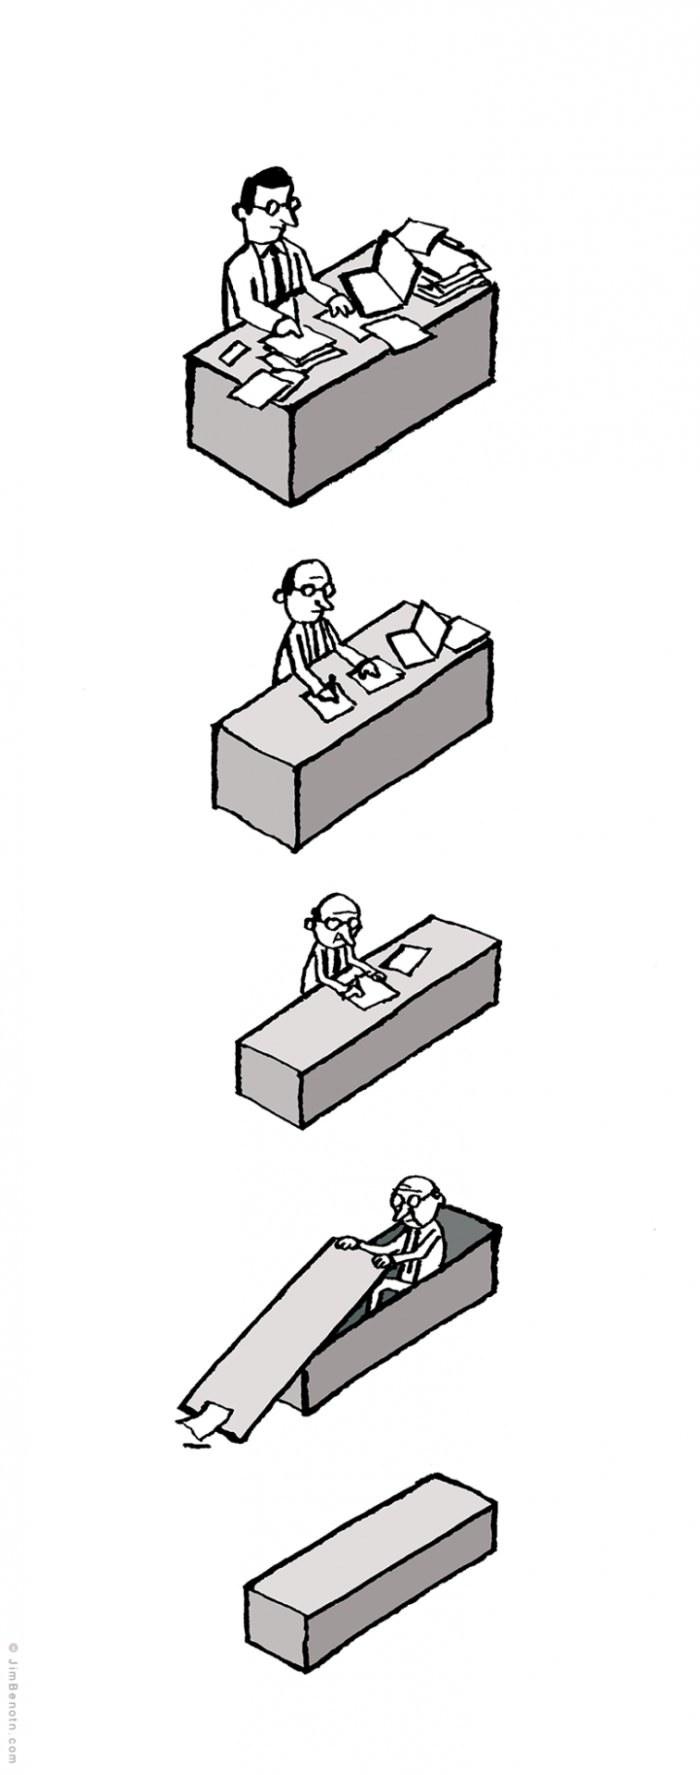 Philosophie sur la vie - meme